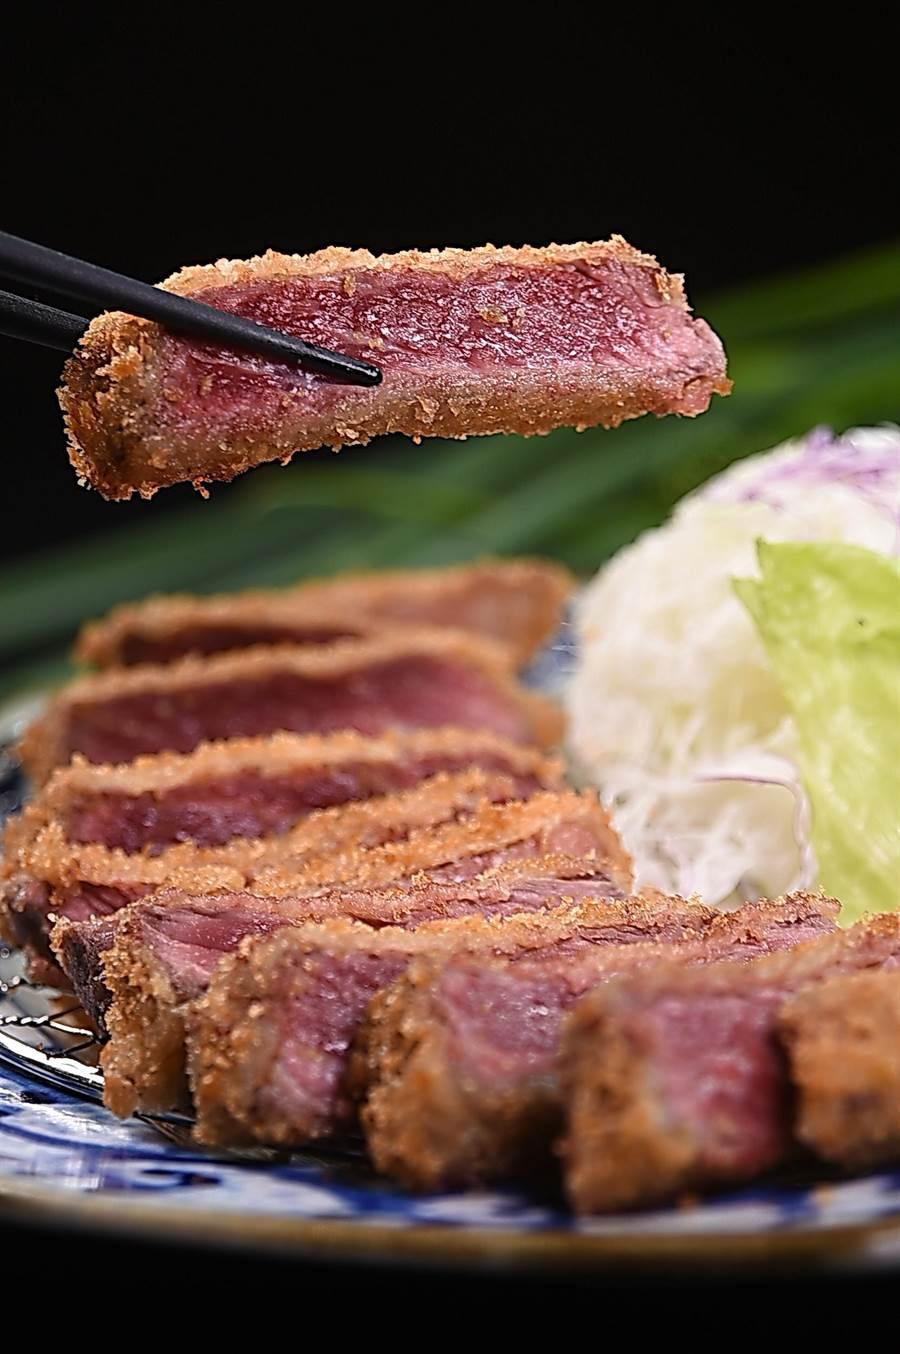 〈元祖炸牛排〉是〈京都勝牛〉的招牌菜式,吃食時可搭配芥末再沾上和風鰹魚露。(圖/姚舜)